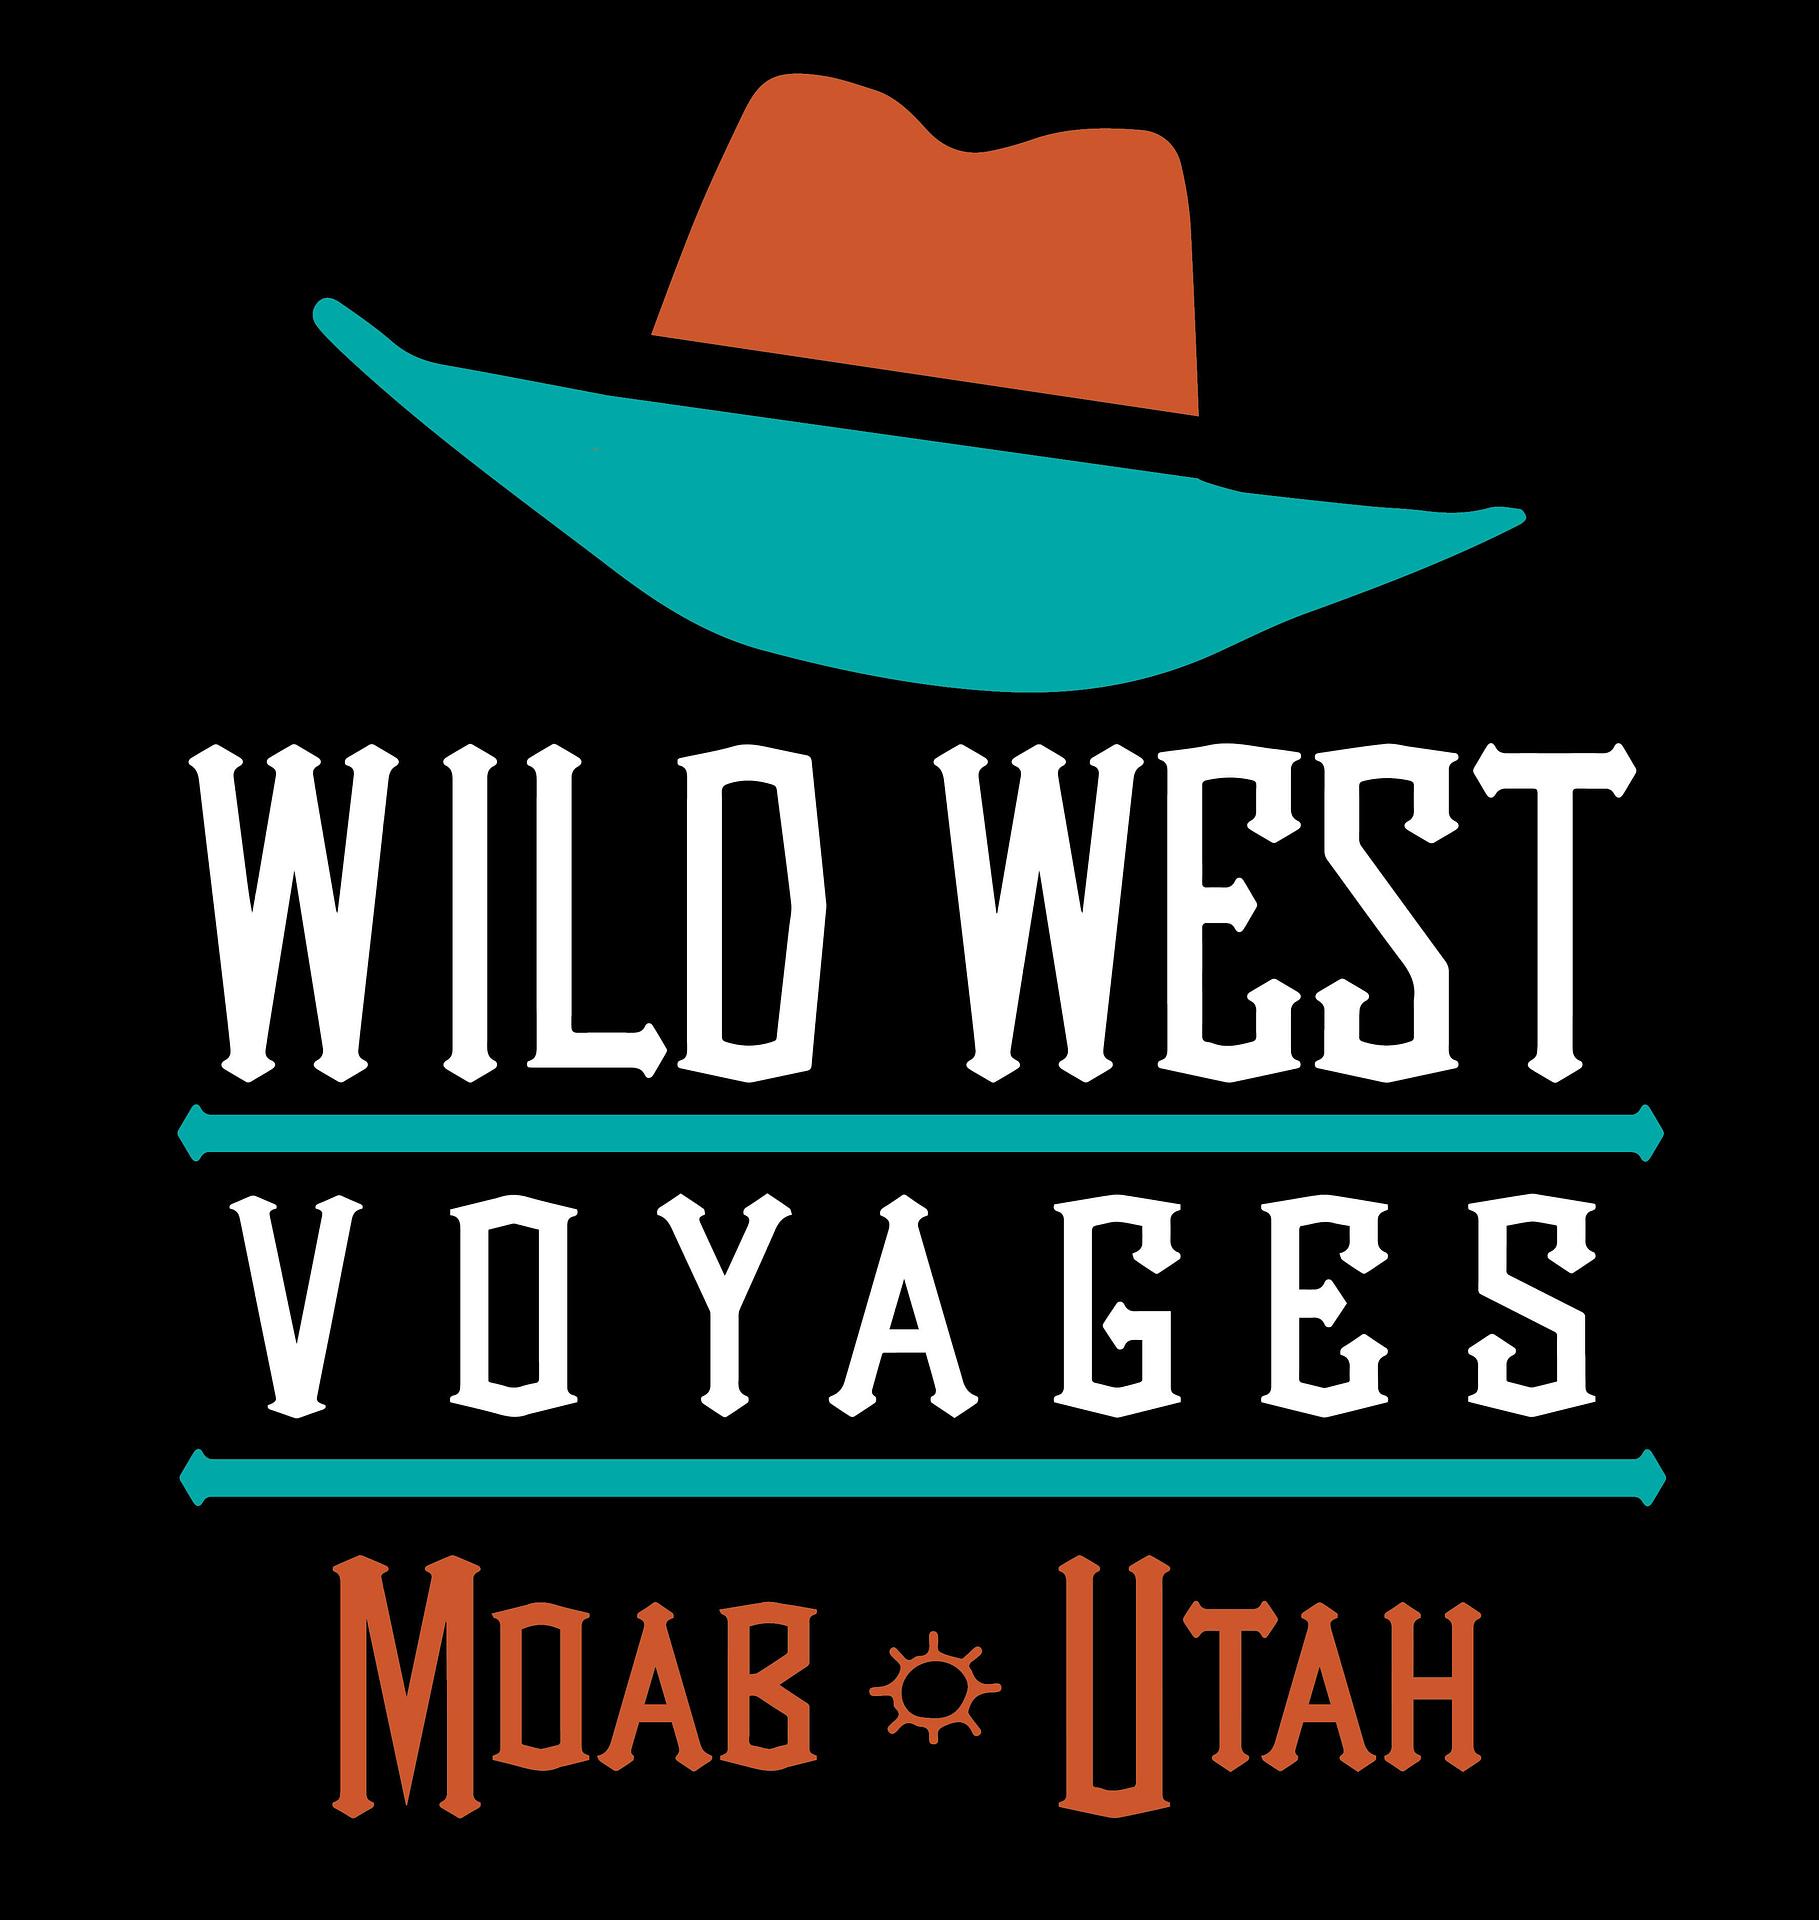 Wild West Voyages